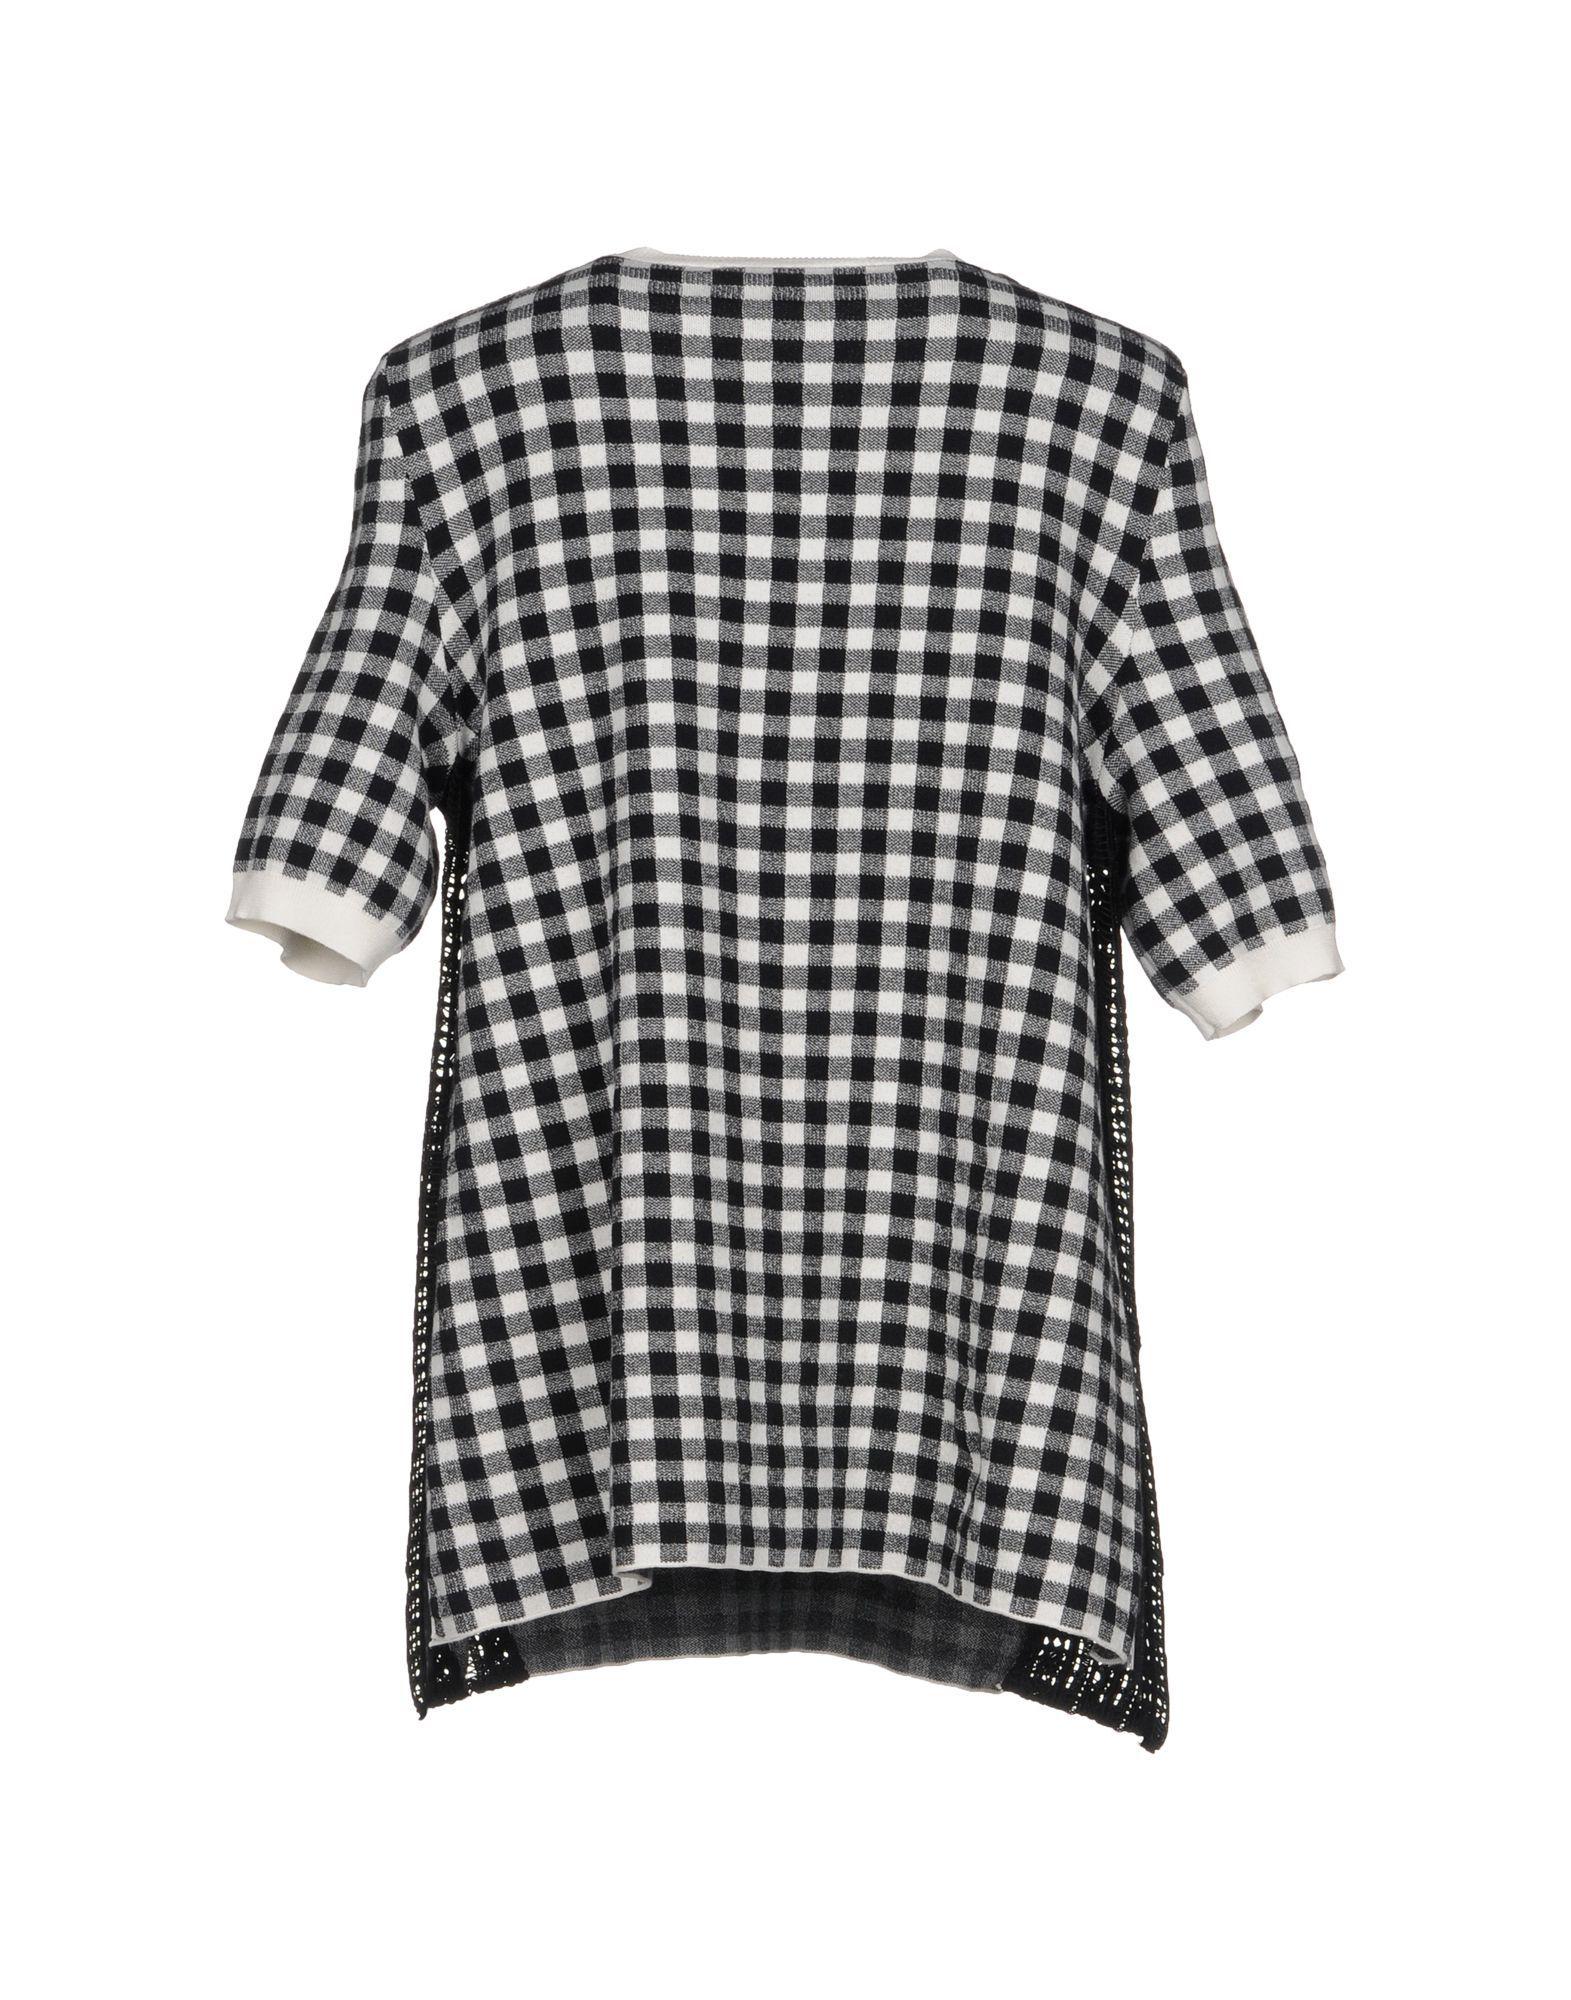 KNITWEAR L'Edition Black Woman Cotton